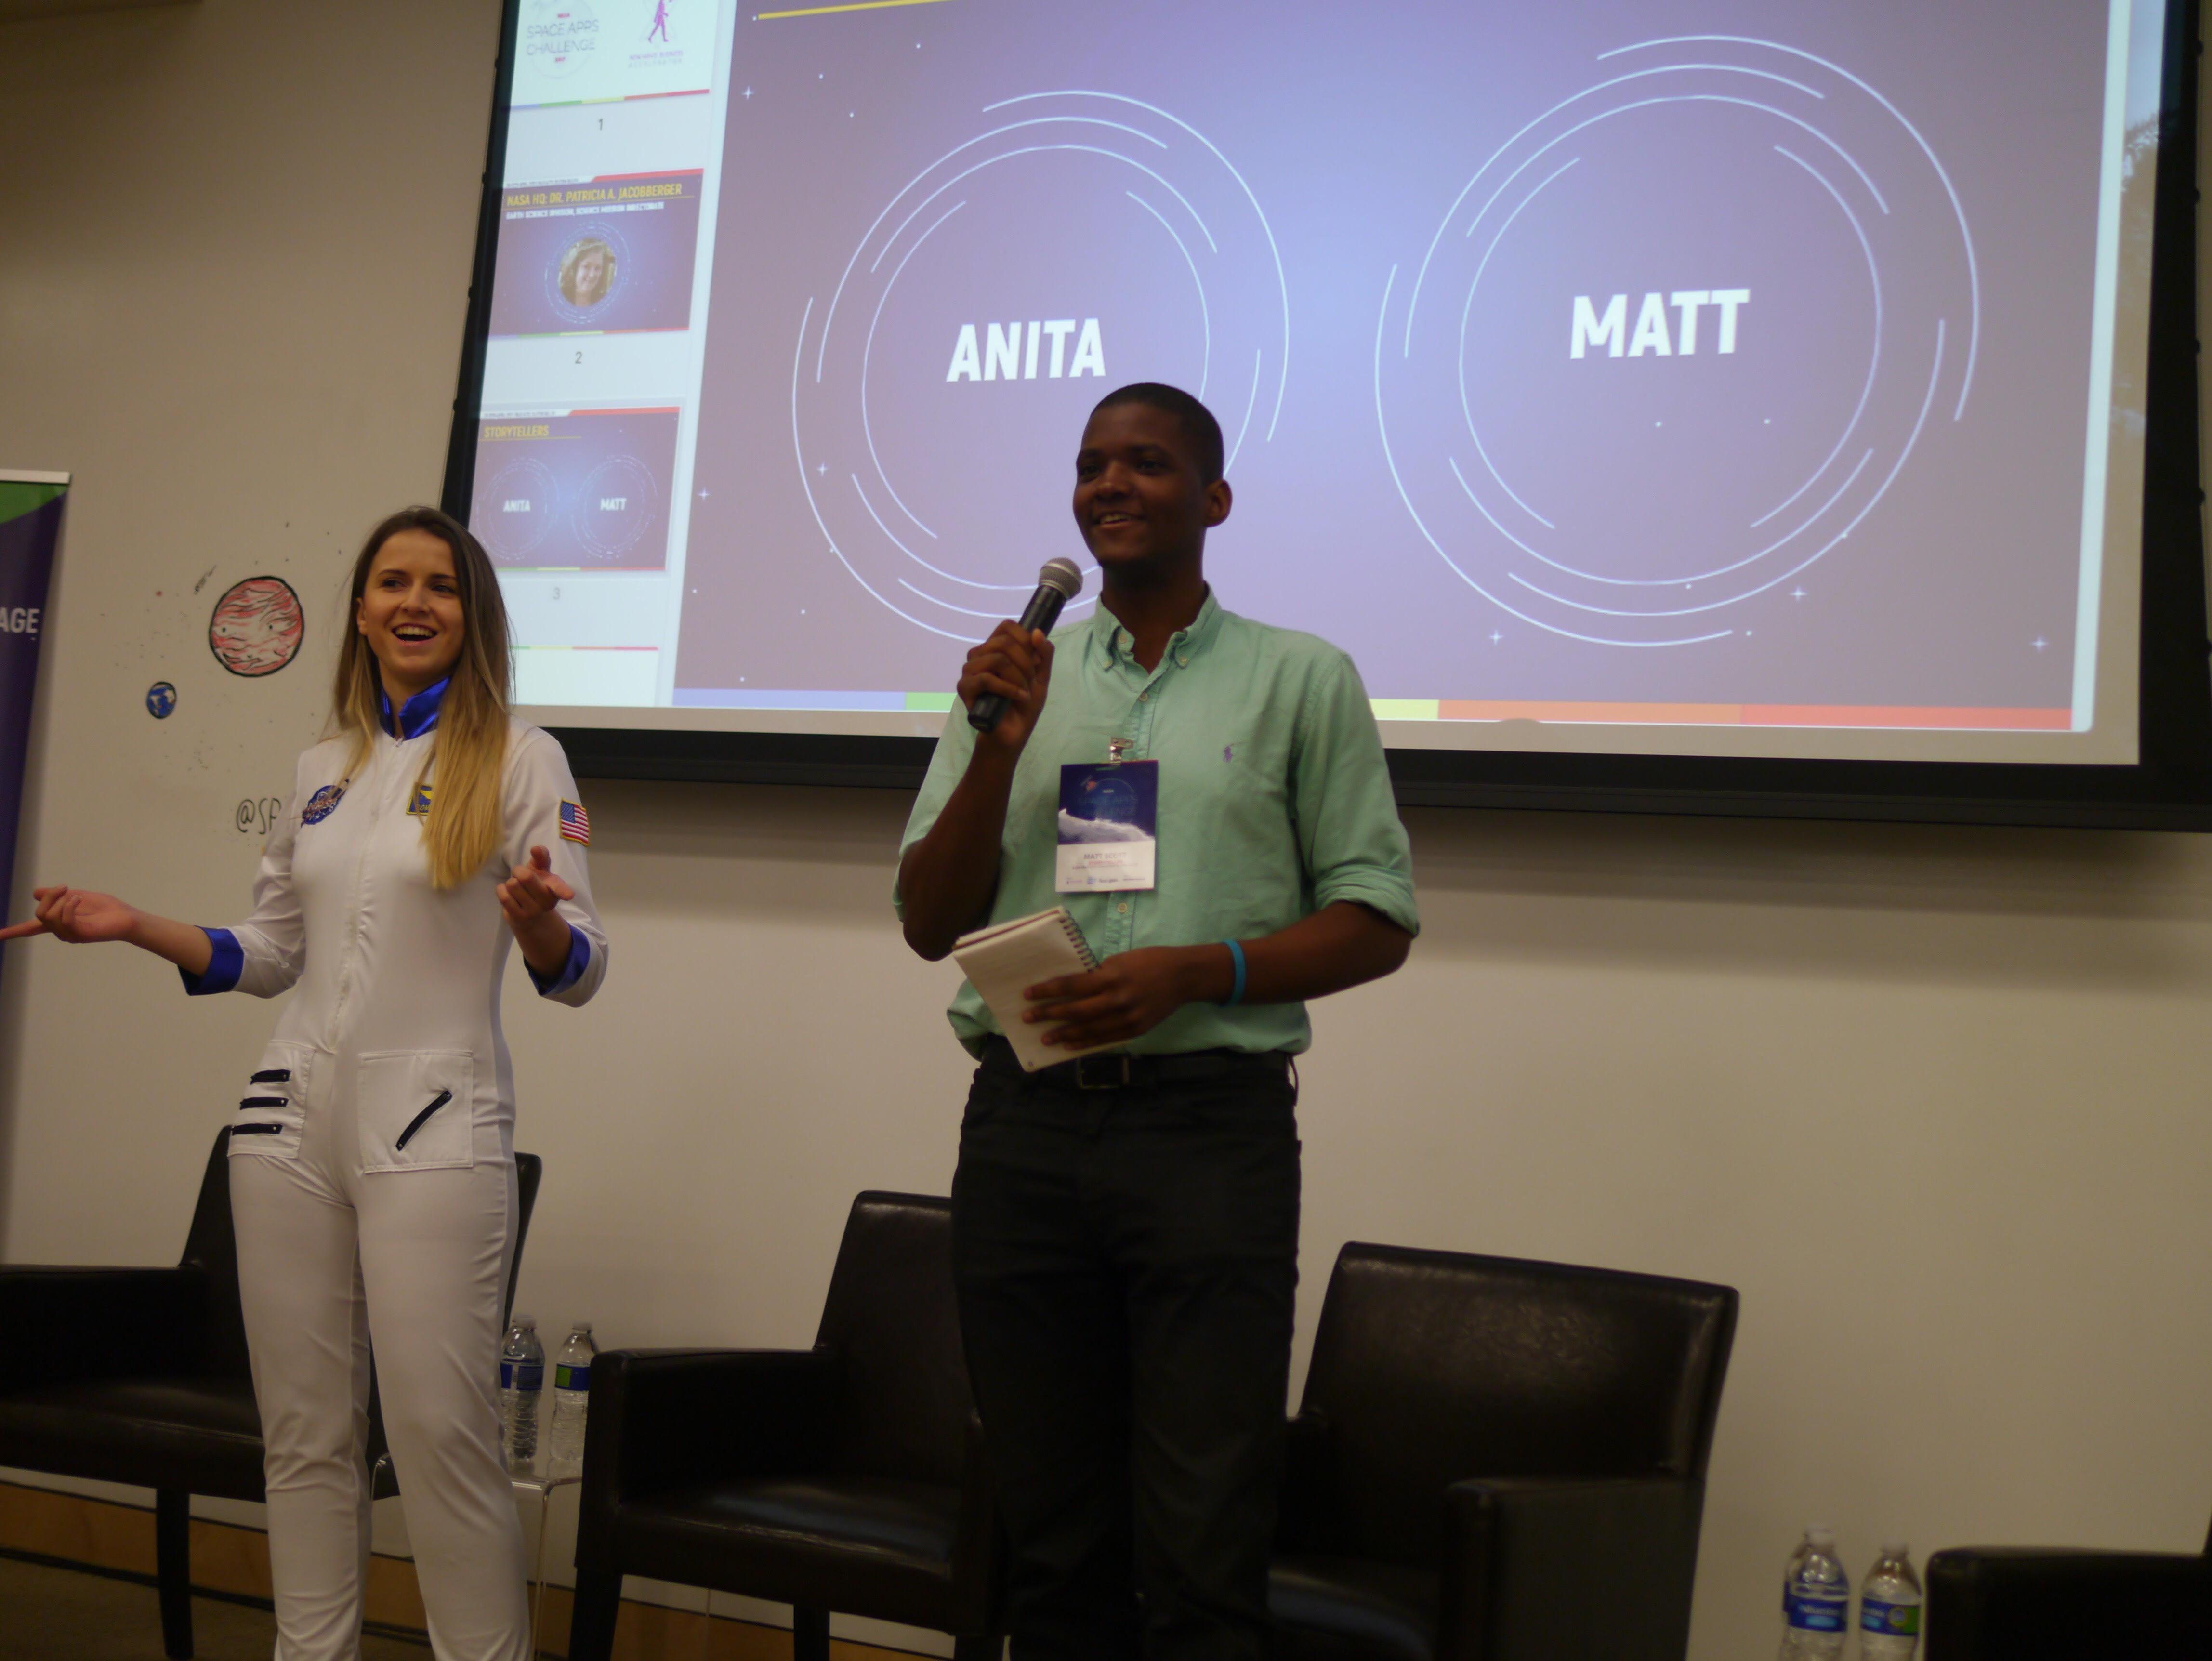 Matt-Scott-Secondmuse- Pic 1